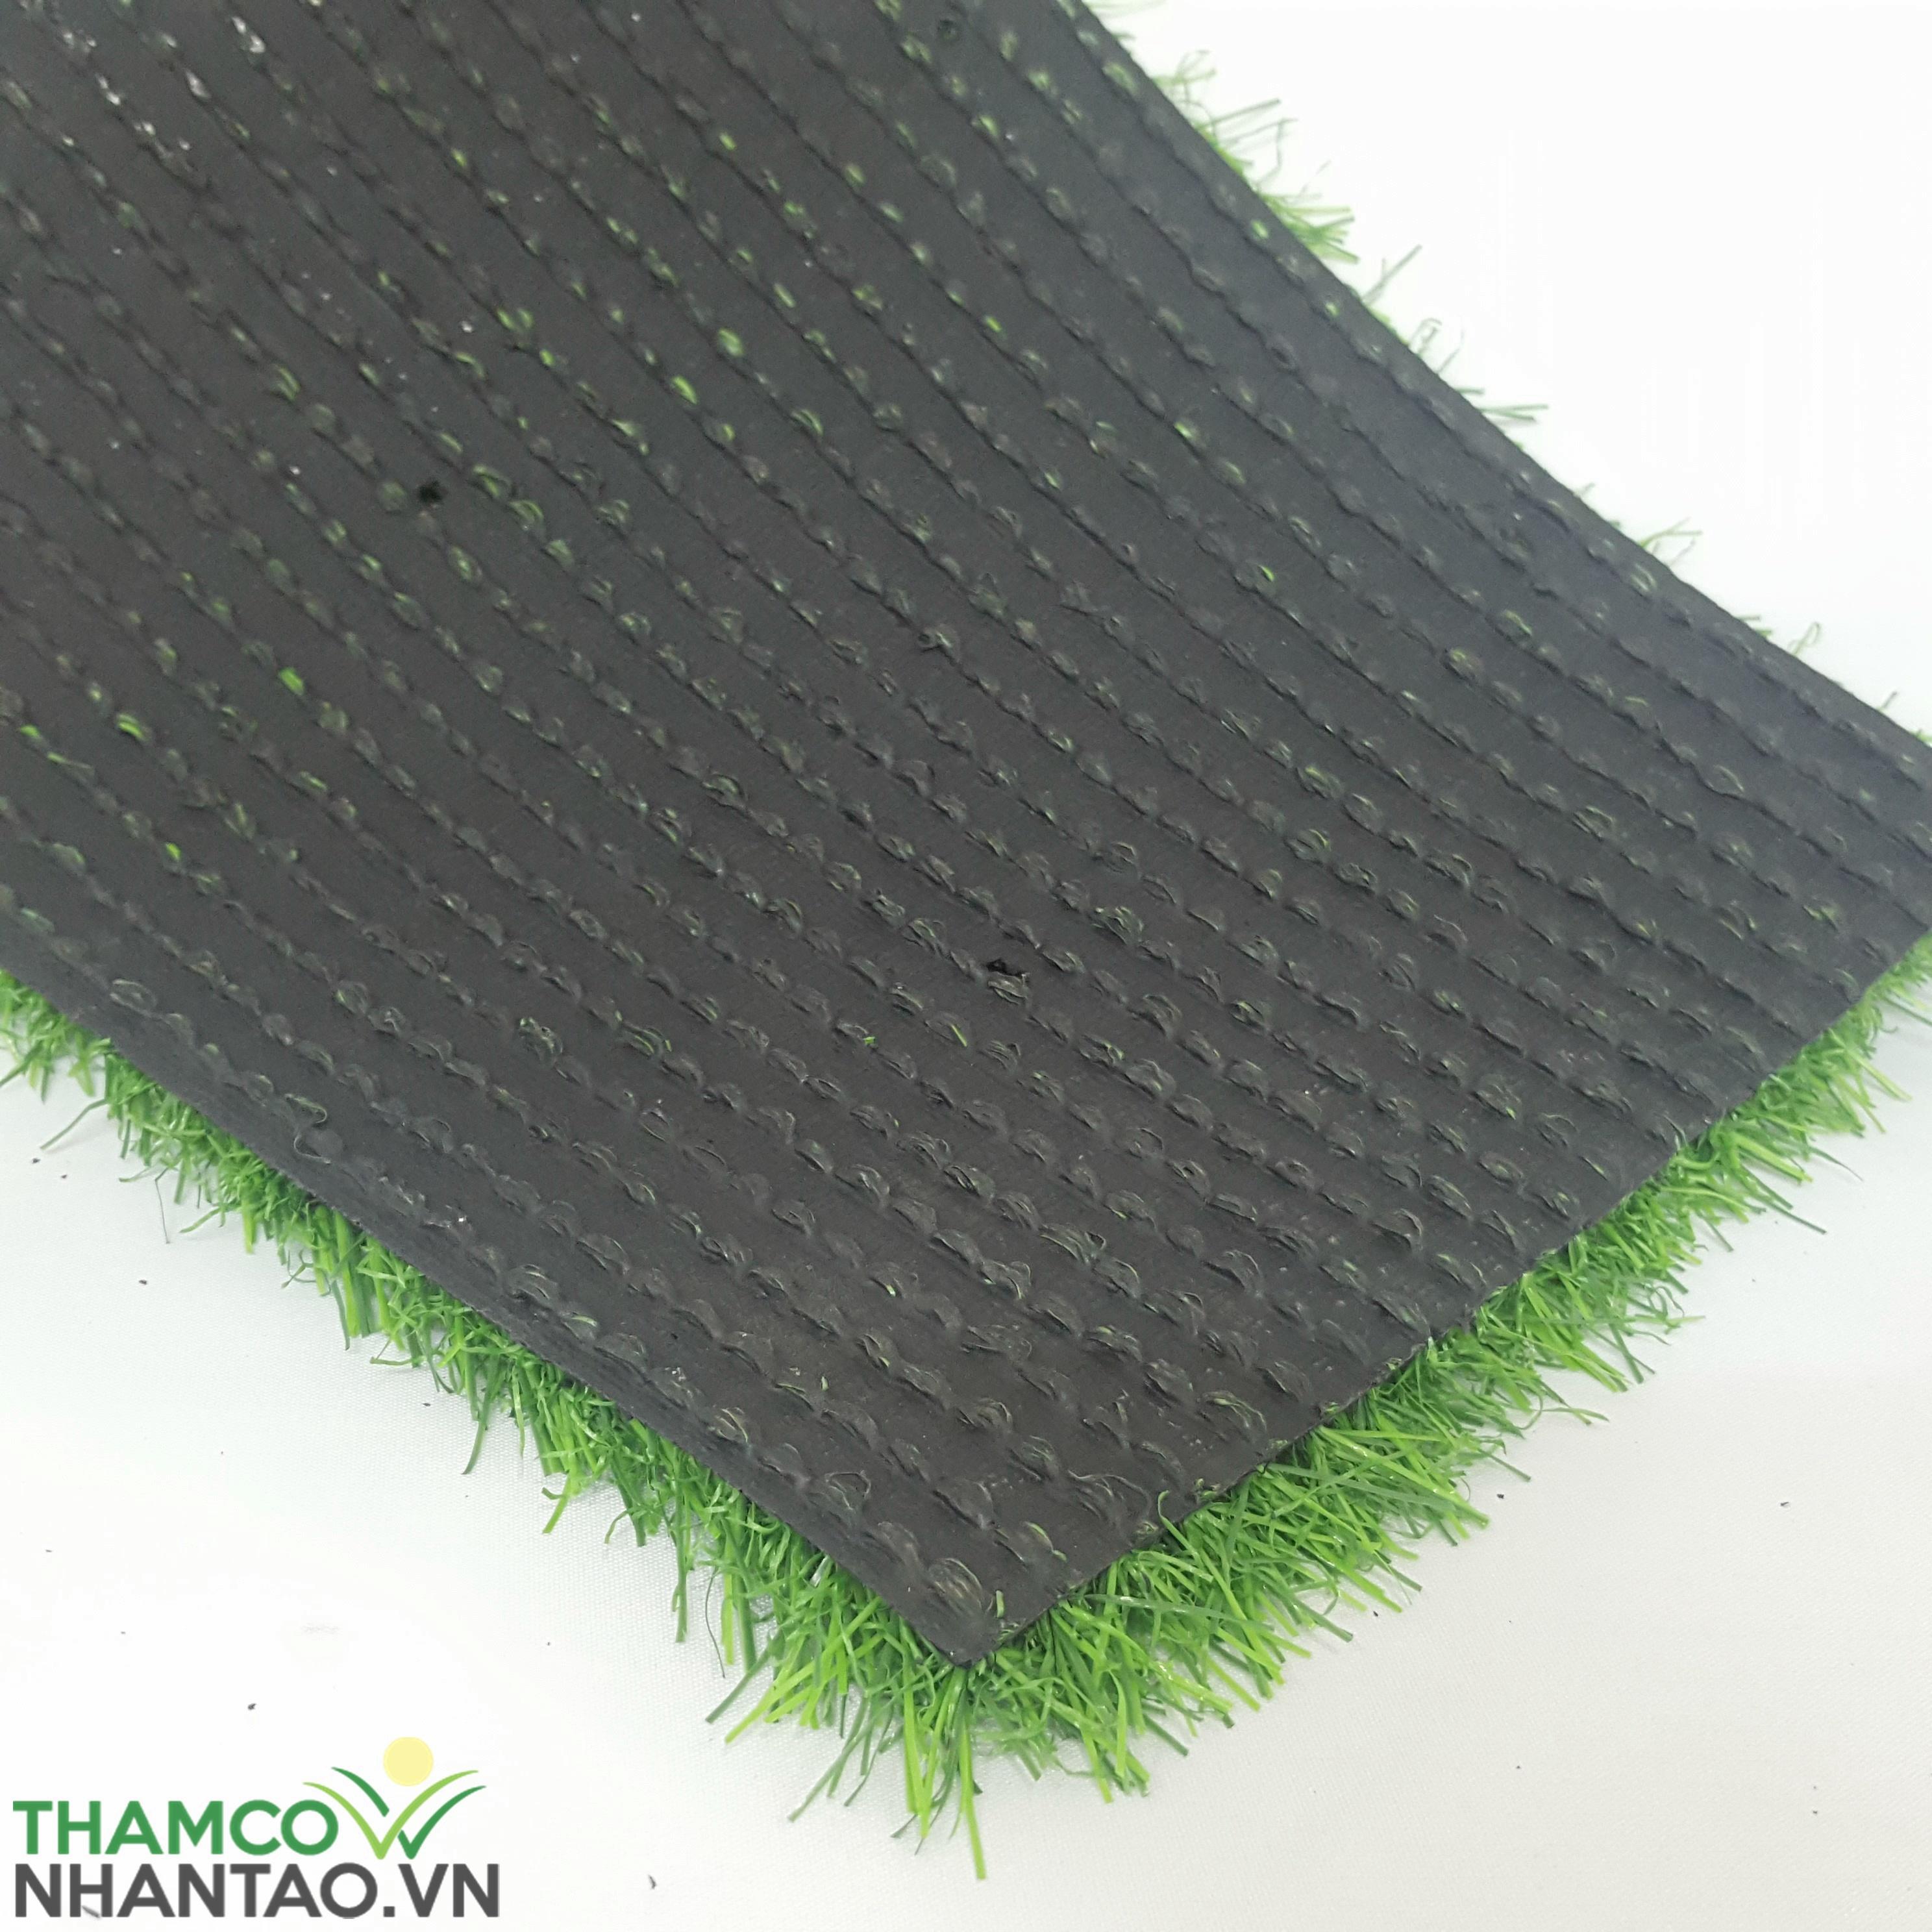 Chọn cỏ phụ thuộc vào đế thảm 1